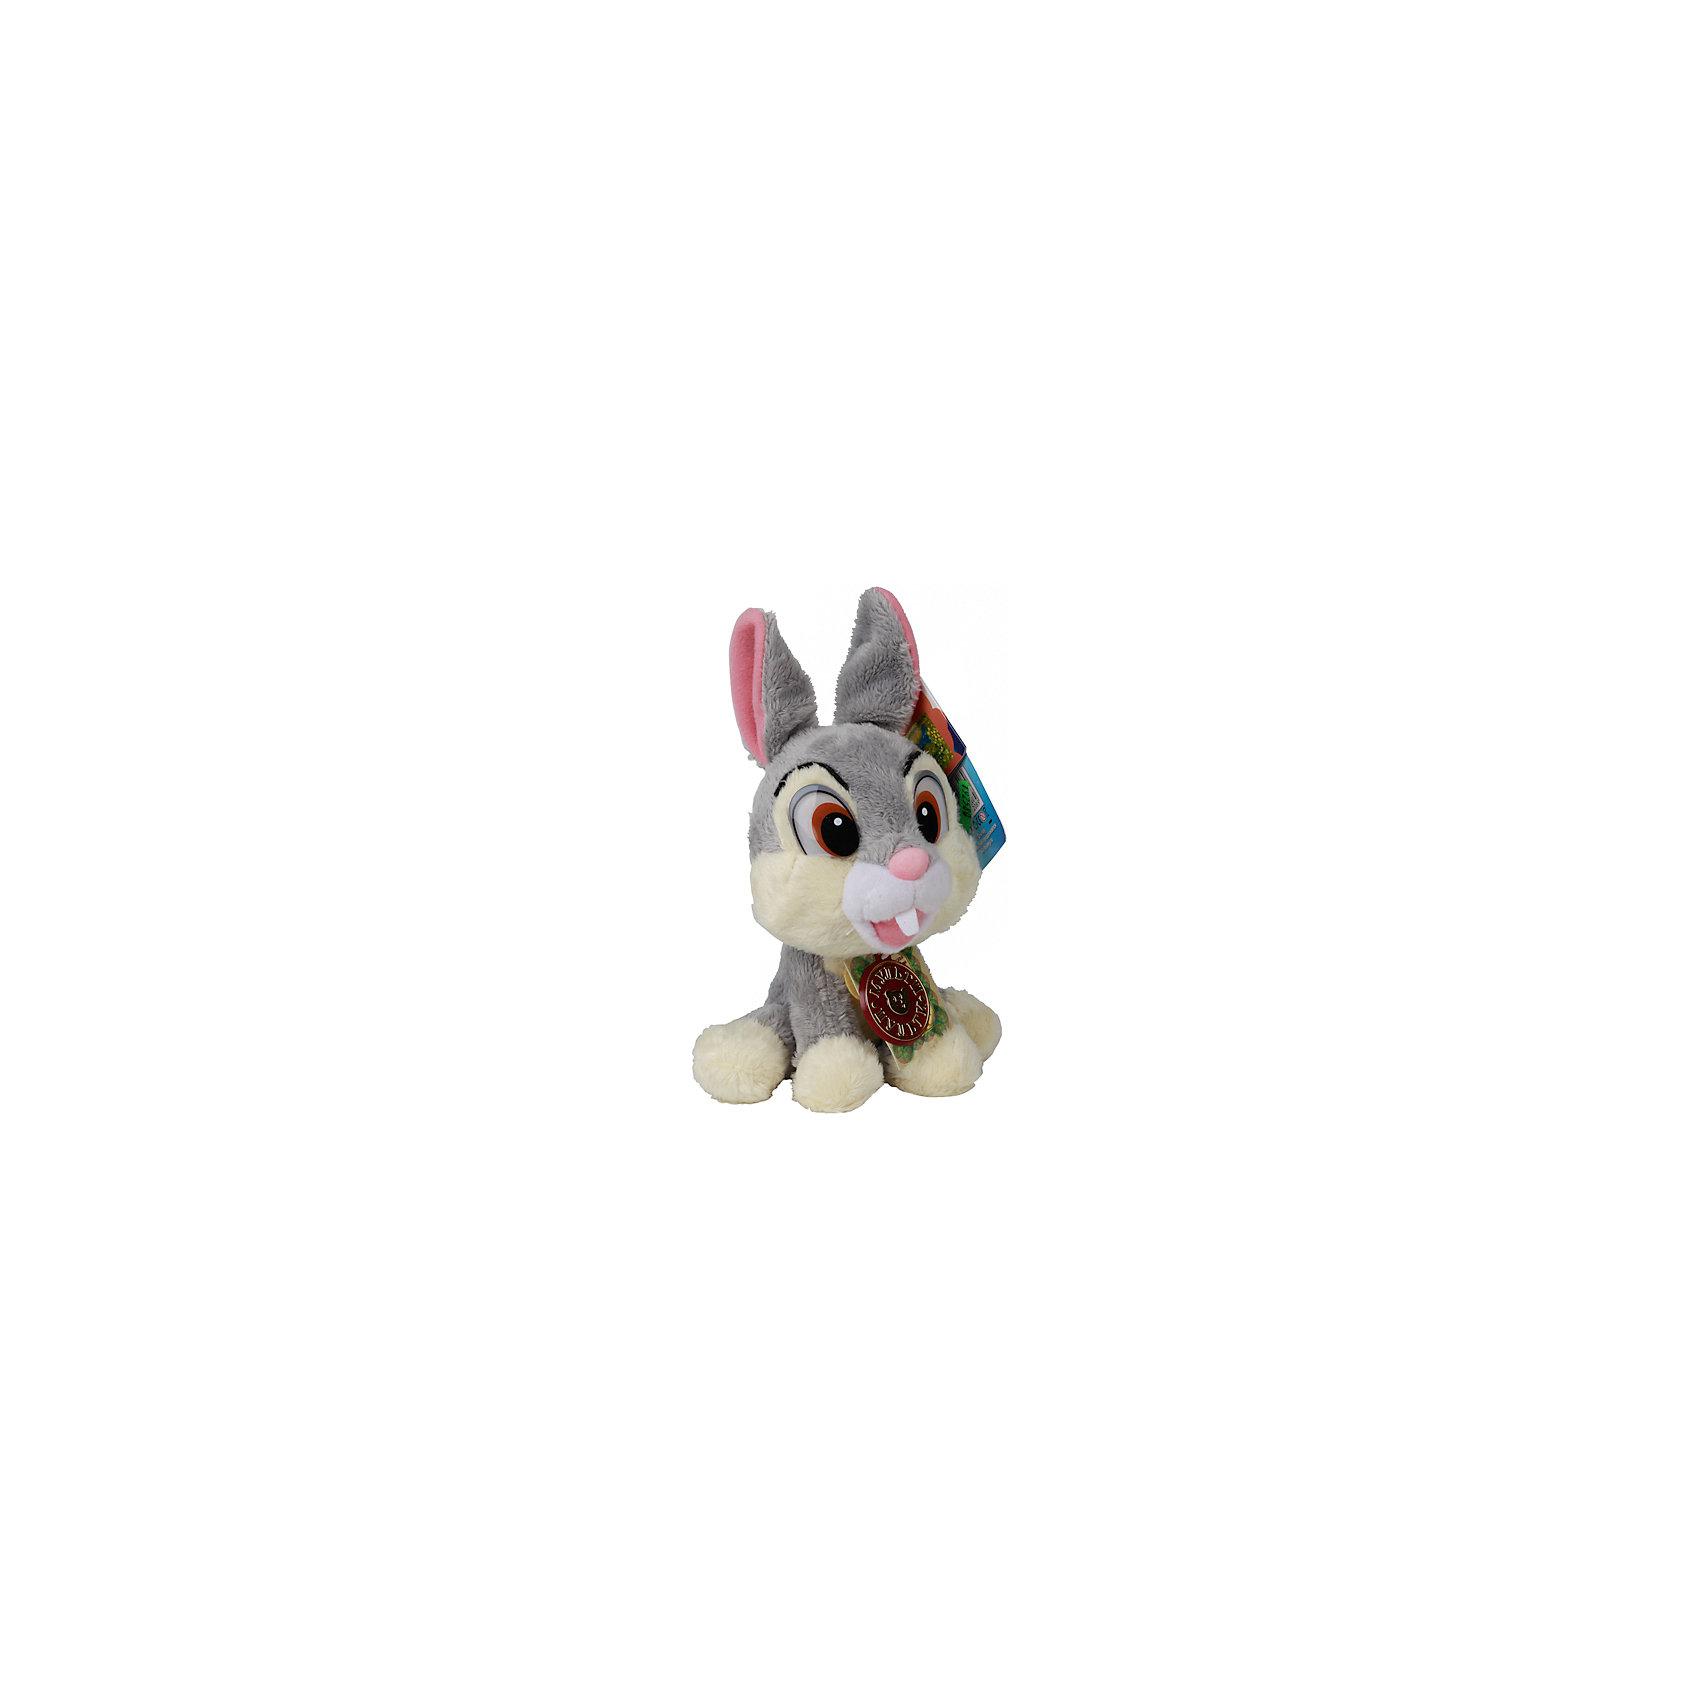 МУЛЬТИ-ПУЛЬТИ Мягкая игрушка  Заяц Топотун, со звуком, Disney, МУЛЬТИ-ПУЛЬТИ мульти пульти мягкая игрушка кот леопольд 20 см со звуком мульти пульти